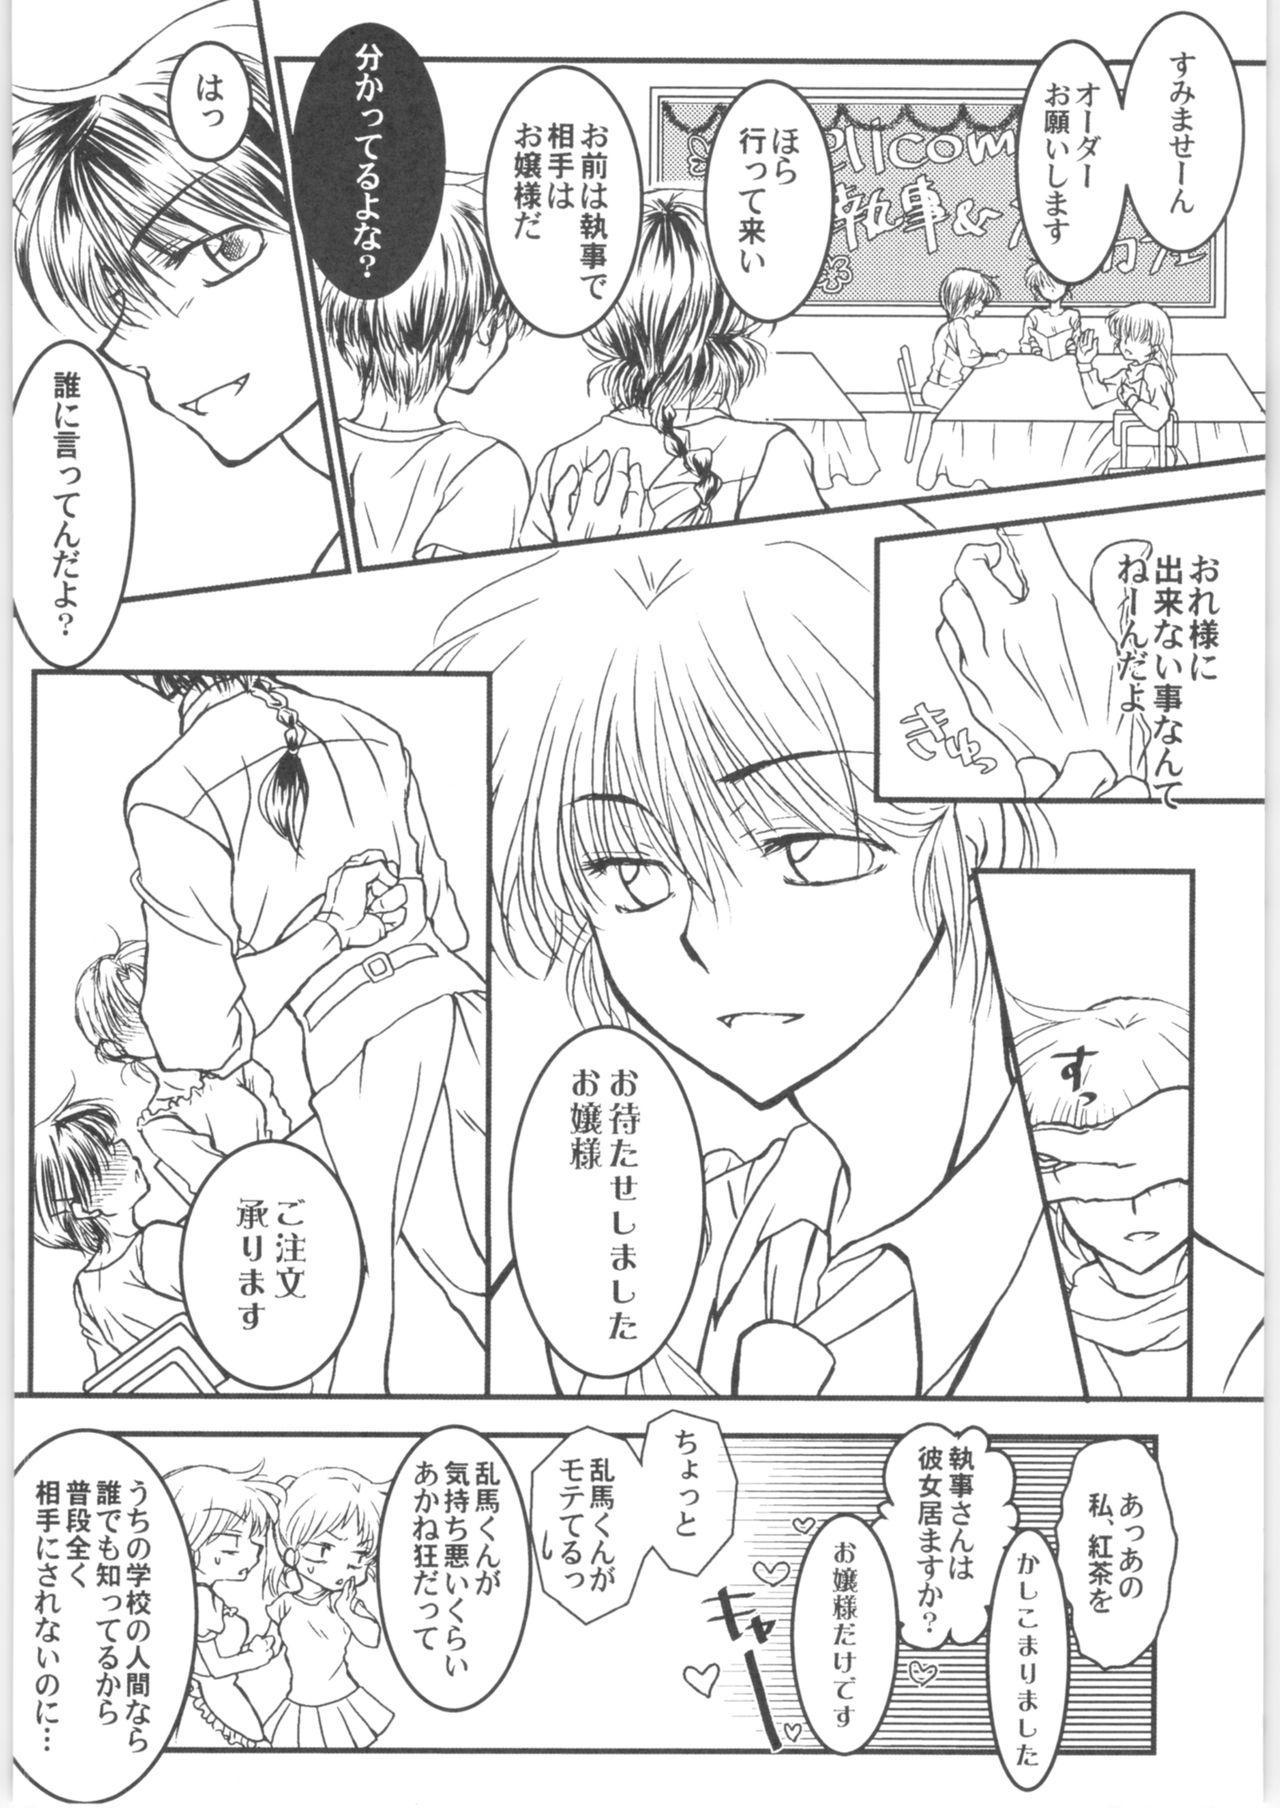 Iinazuke ga Neko ni Narimashite. 34